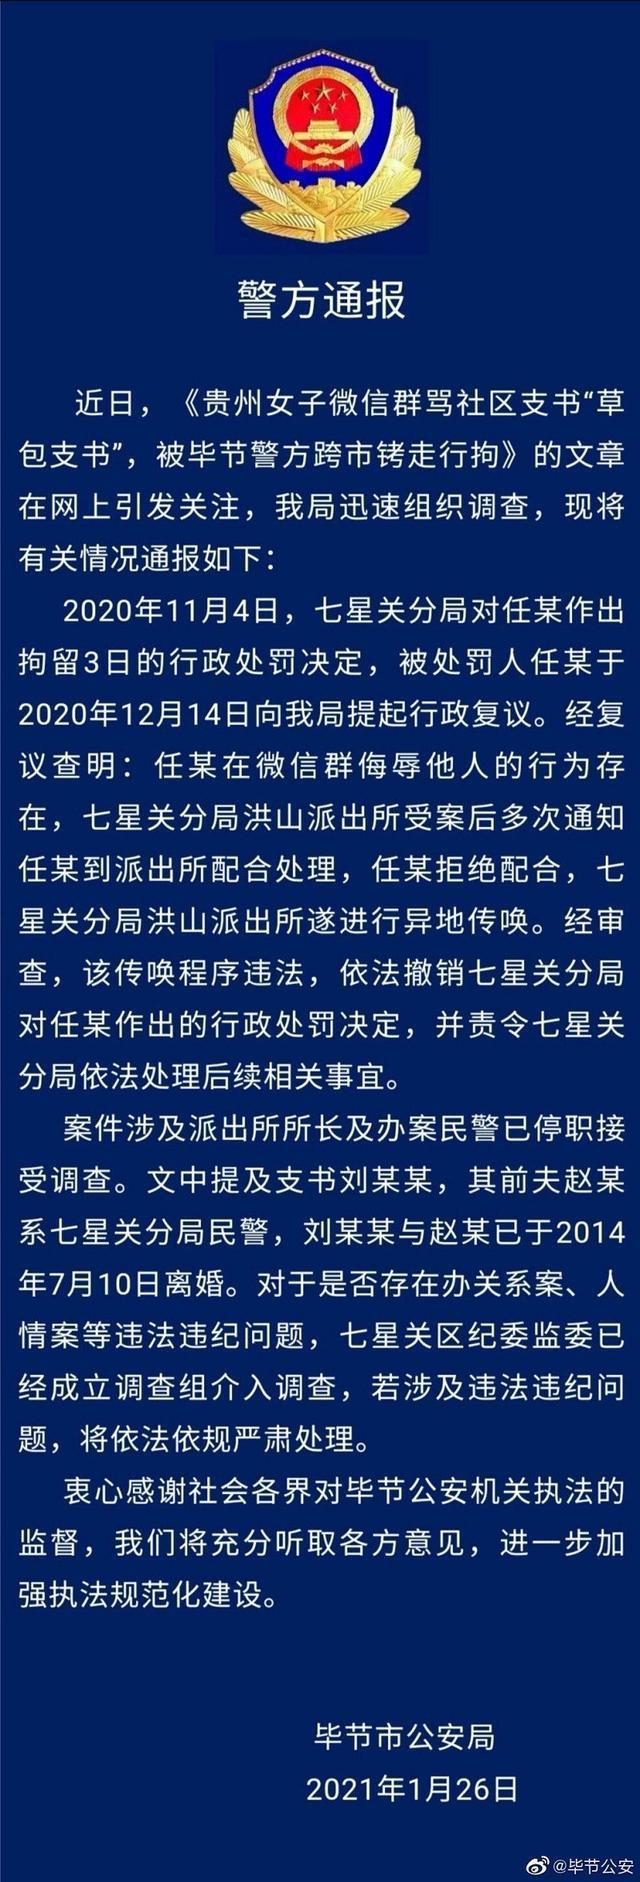 女子骂社区书记草包被拘 警方通报:传唤程序违法撤销处罚